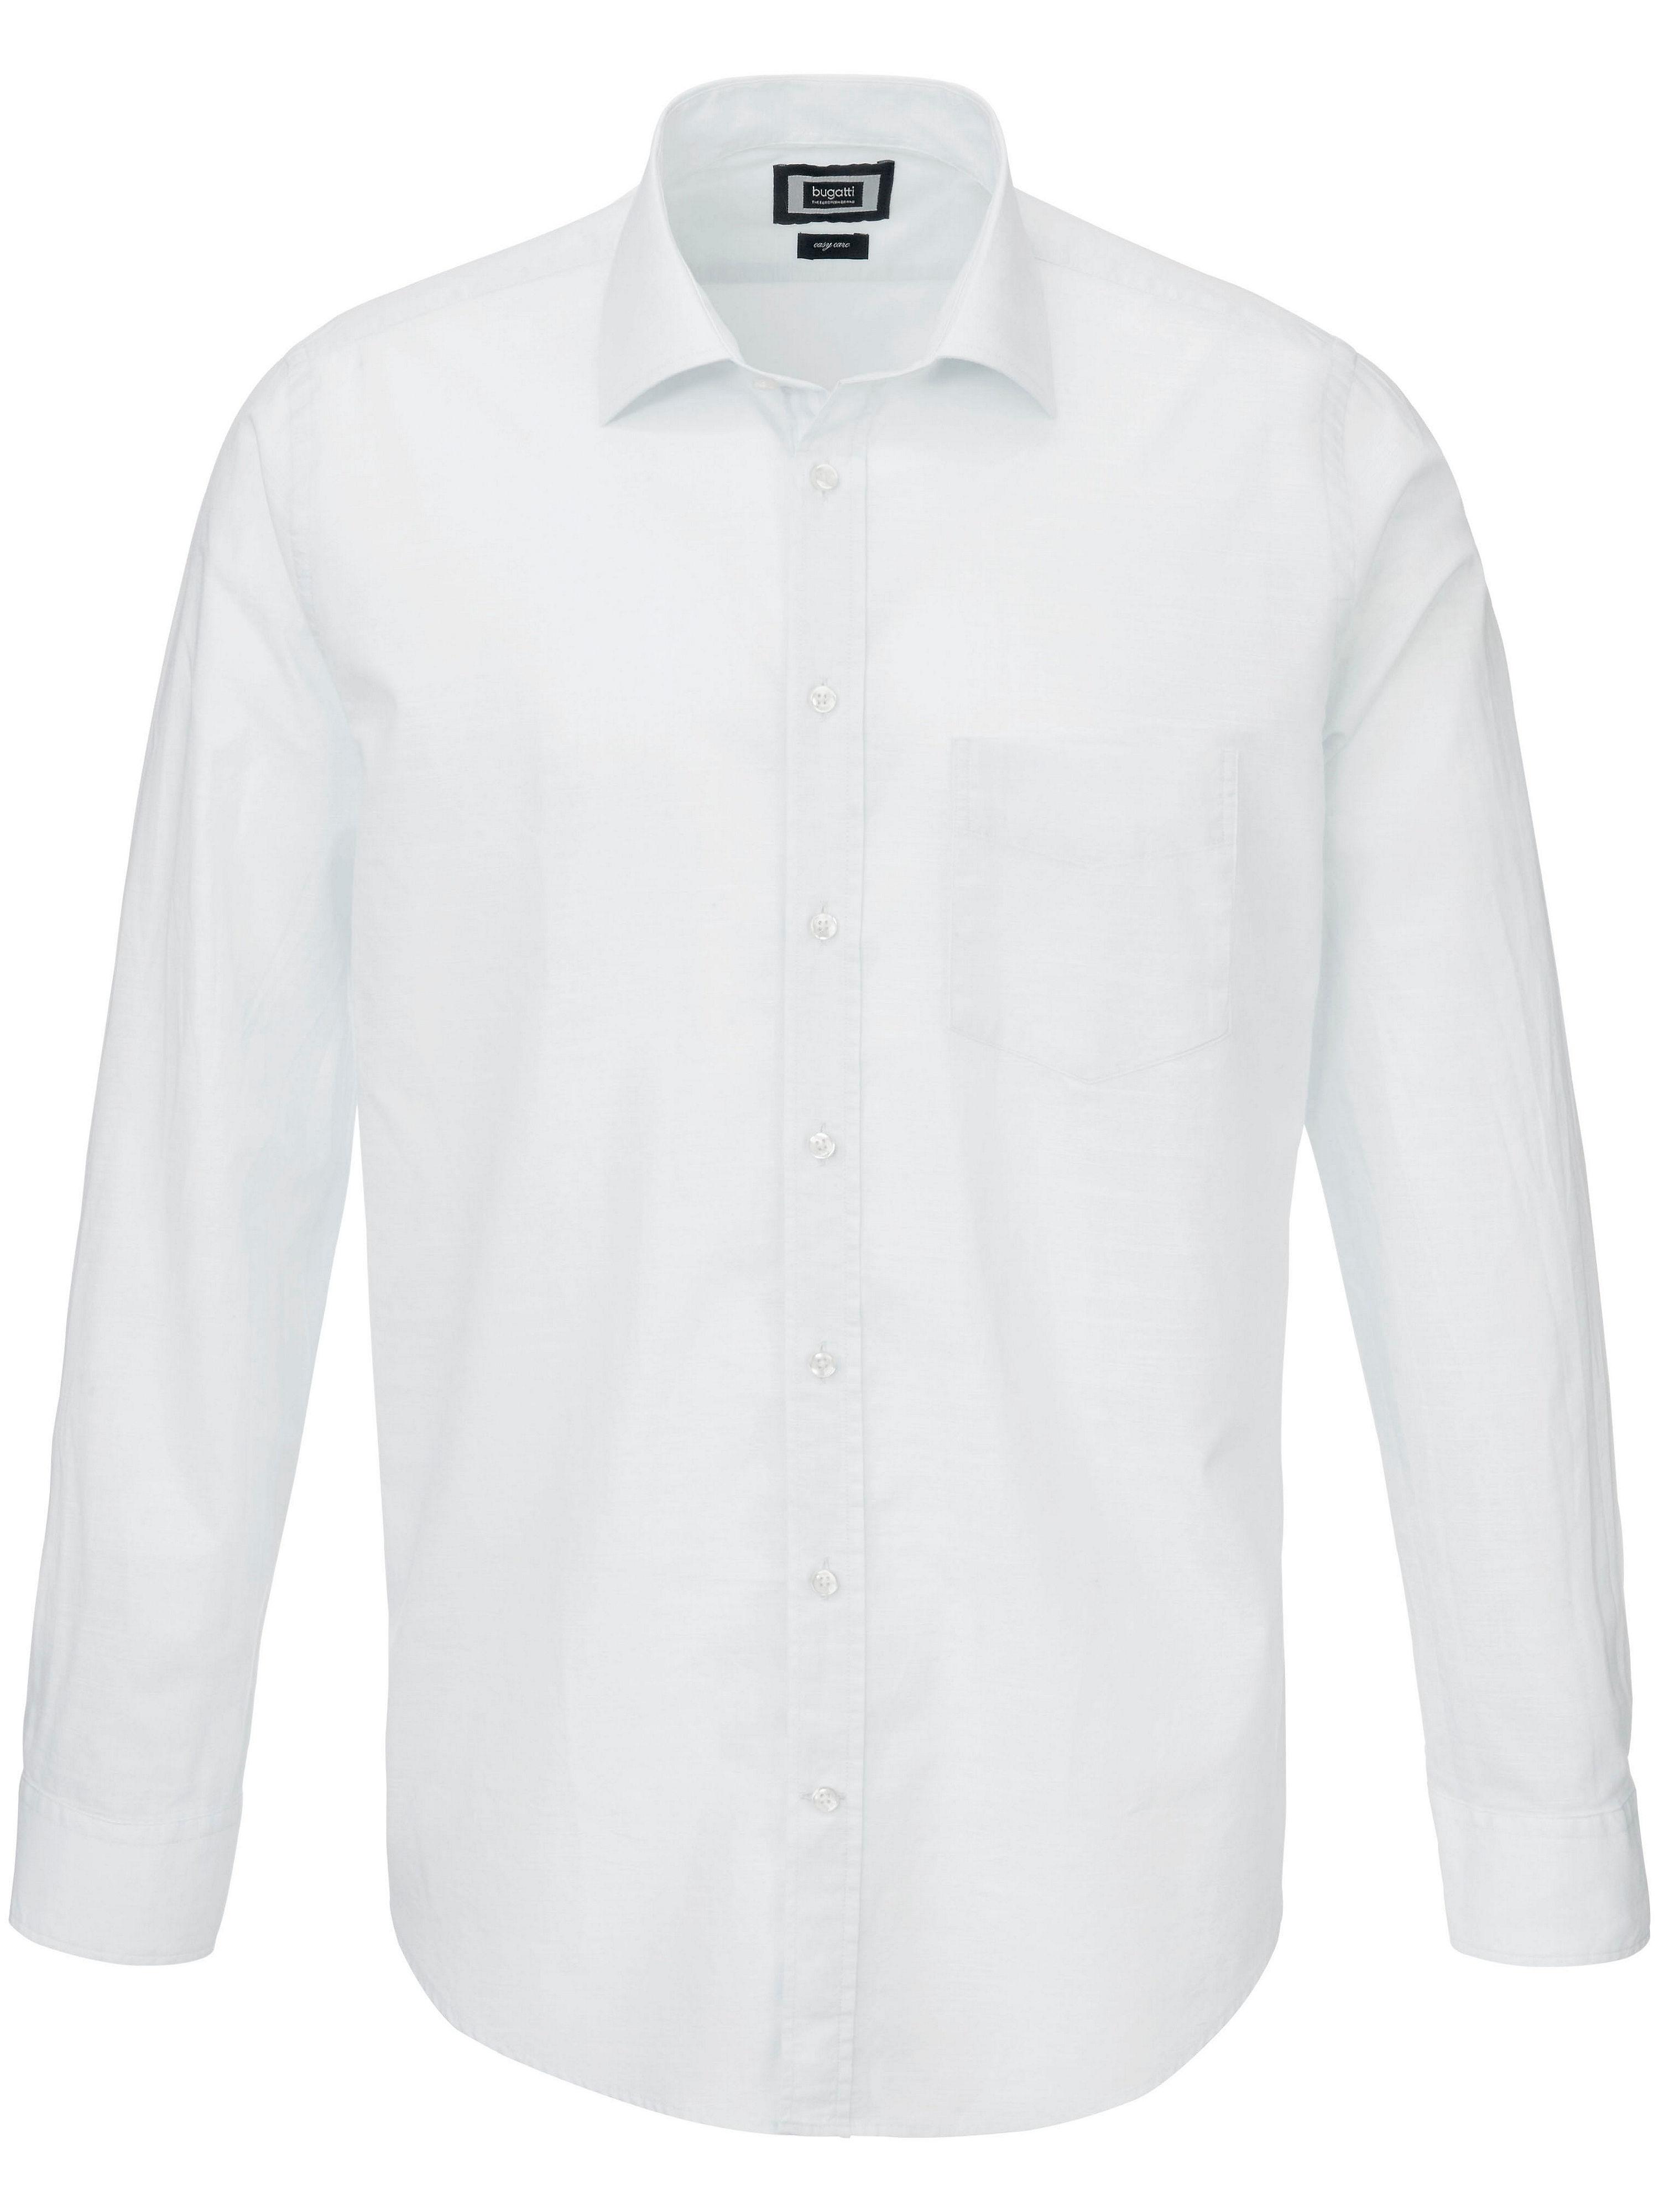 La chemise  Bugatti blanc